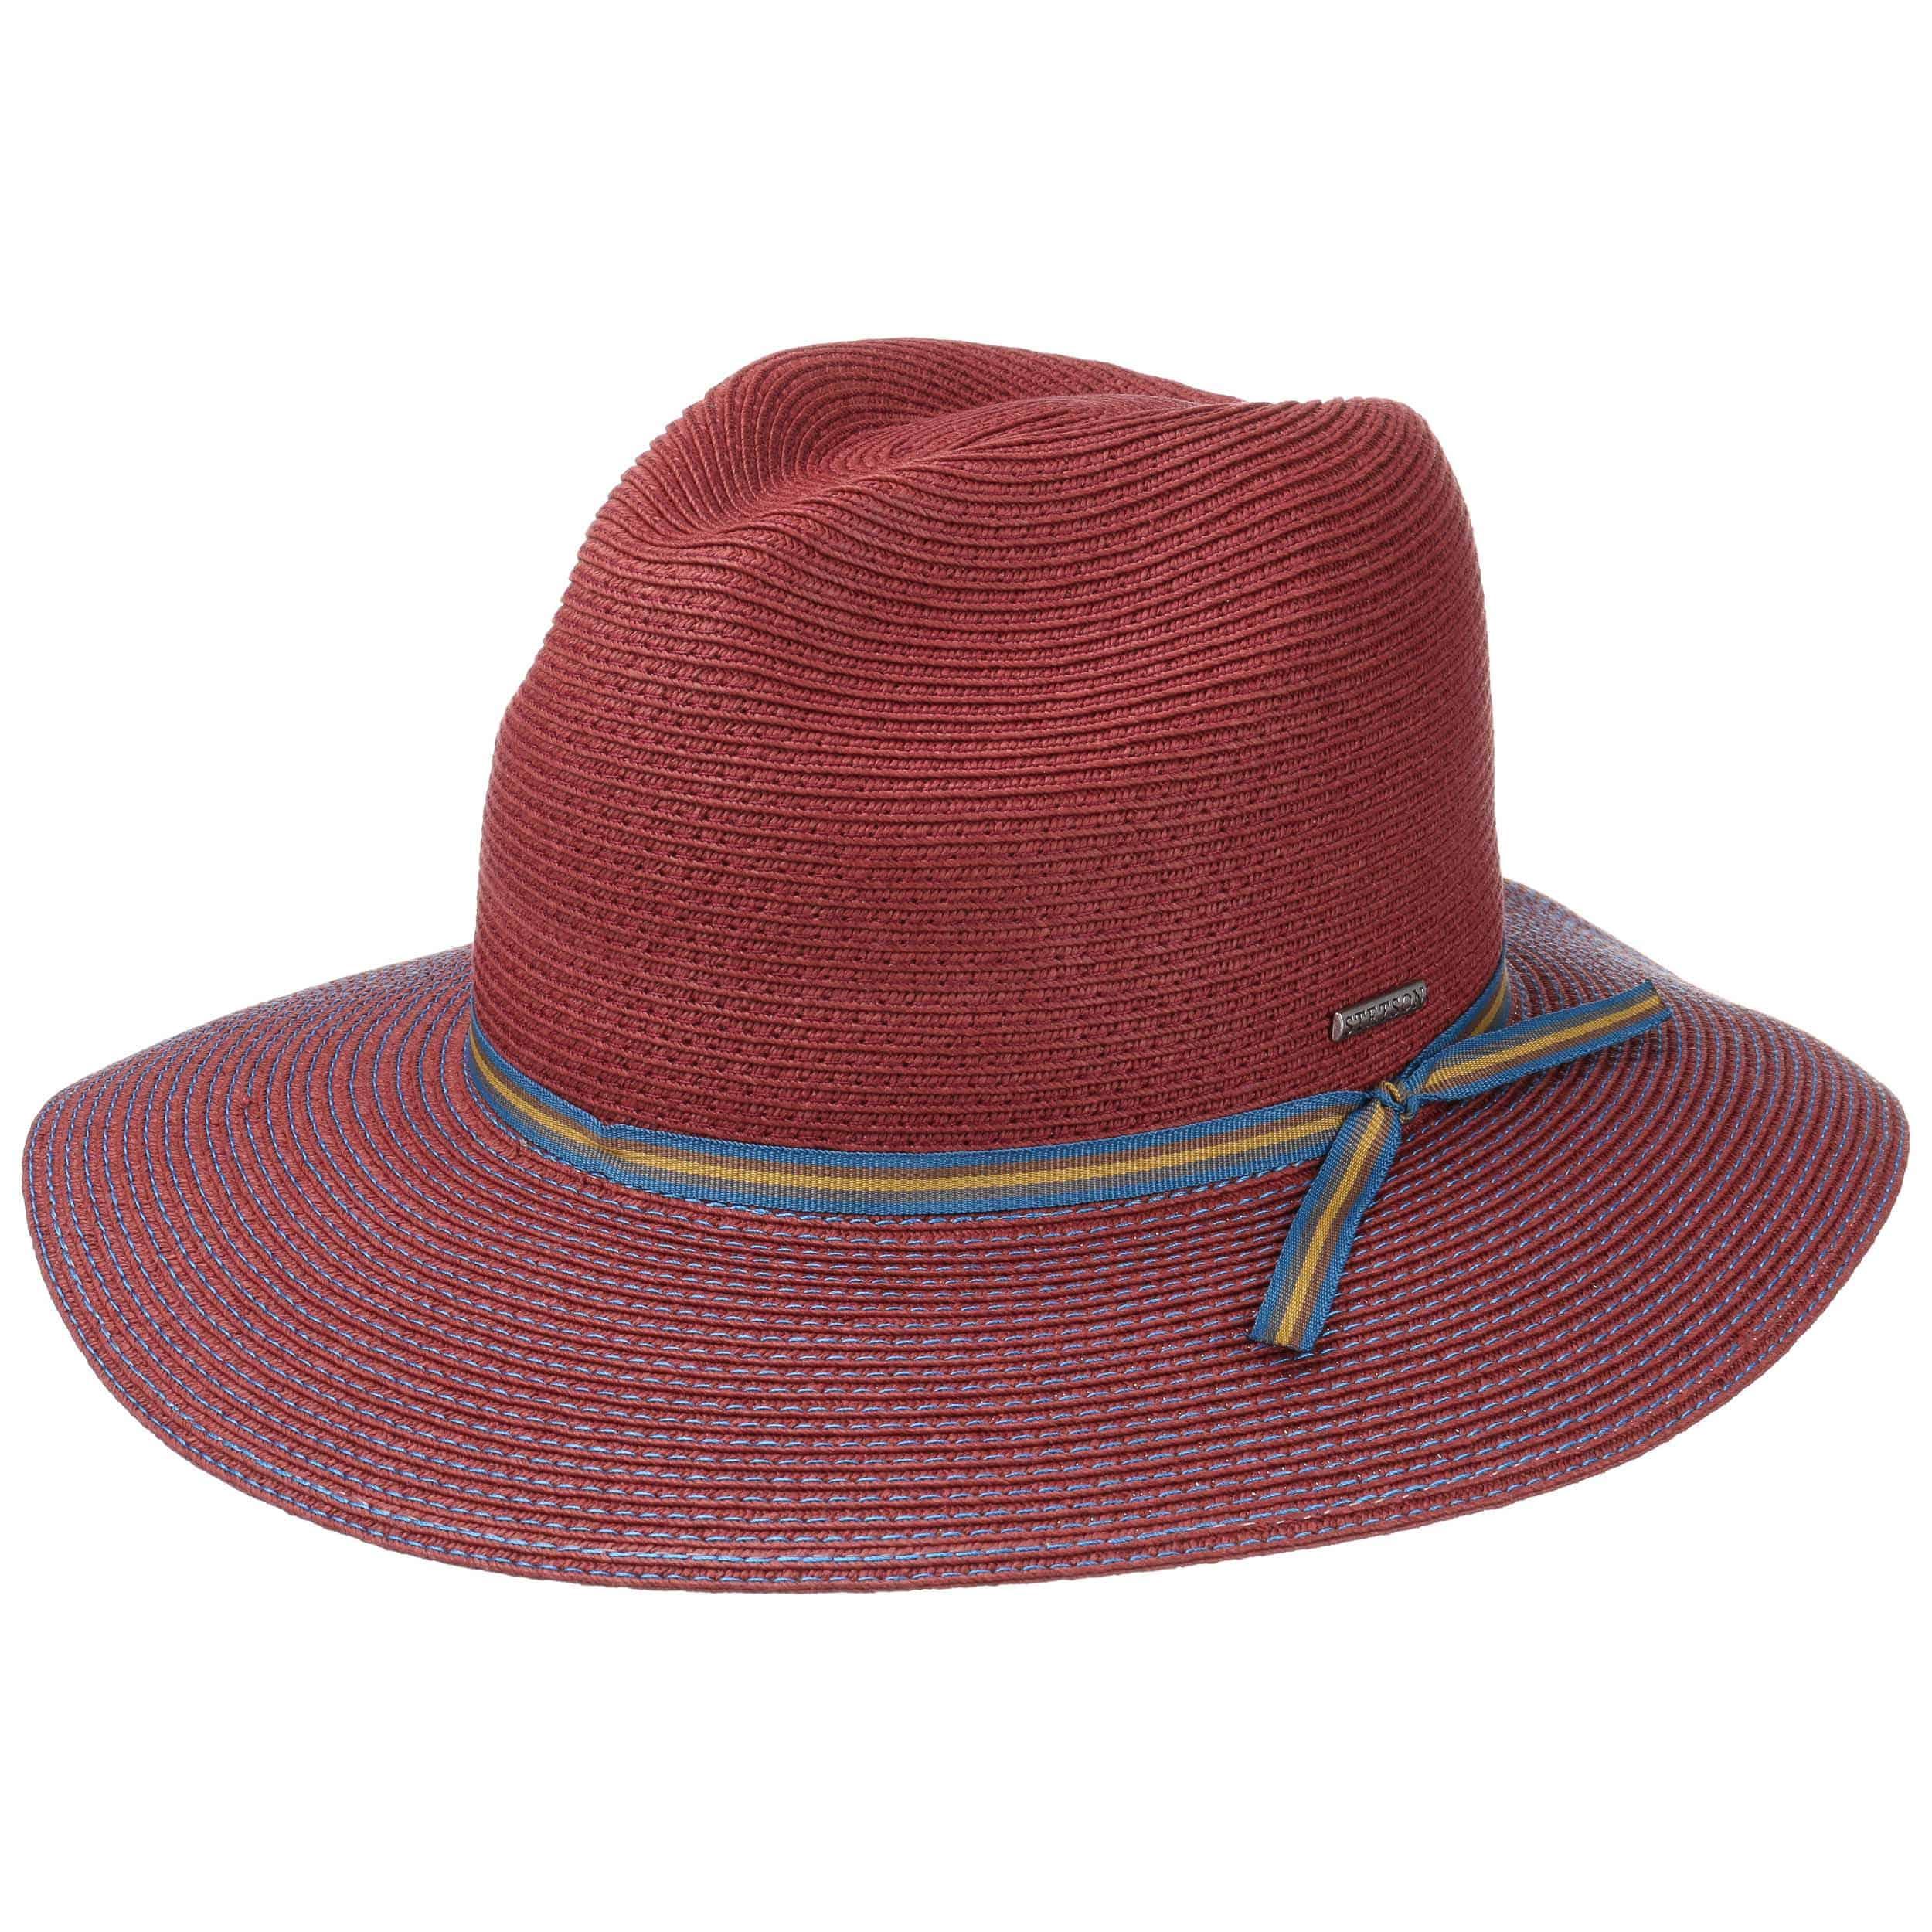 ... Cappello a Tesa Larga Toyo by Stetson - rosso bordeaux 6 ... ed61e1272870